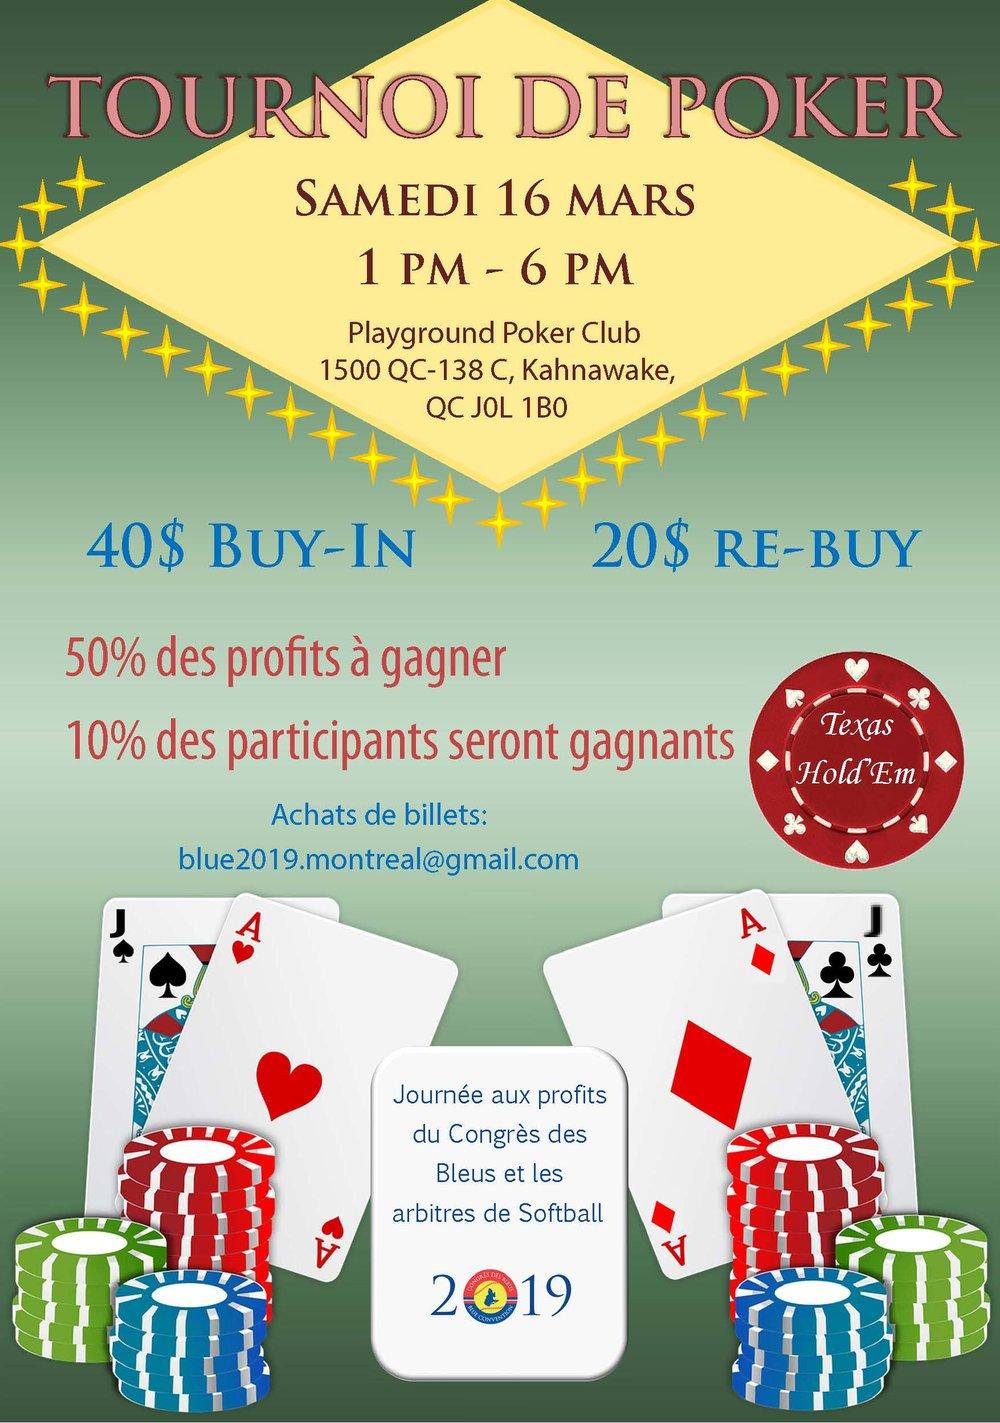 """Tournoi de Poker - Le 16 mars, joignez-vous à nous lors d'untournoi de Poker de Texas Hold'Em aux profits du Congrès des Bleus. Le """"buy-in"""" est de 40$ et des"""" re-buy"""" seront disponible au coût de $20. 50% des profits de cette activité sont à gagner et 10% des participants seront gagnants! Lieu: Playground Poker Club, 1500 Qc-138 C, Kahnawake, Qc J0L 1B0Date: Samedi 16 mars 2019Heure: 1 PM - 6 PMPour acheter vos billets: blue2019.montreal@gmail.com"""